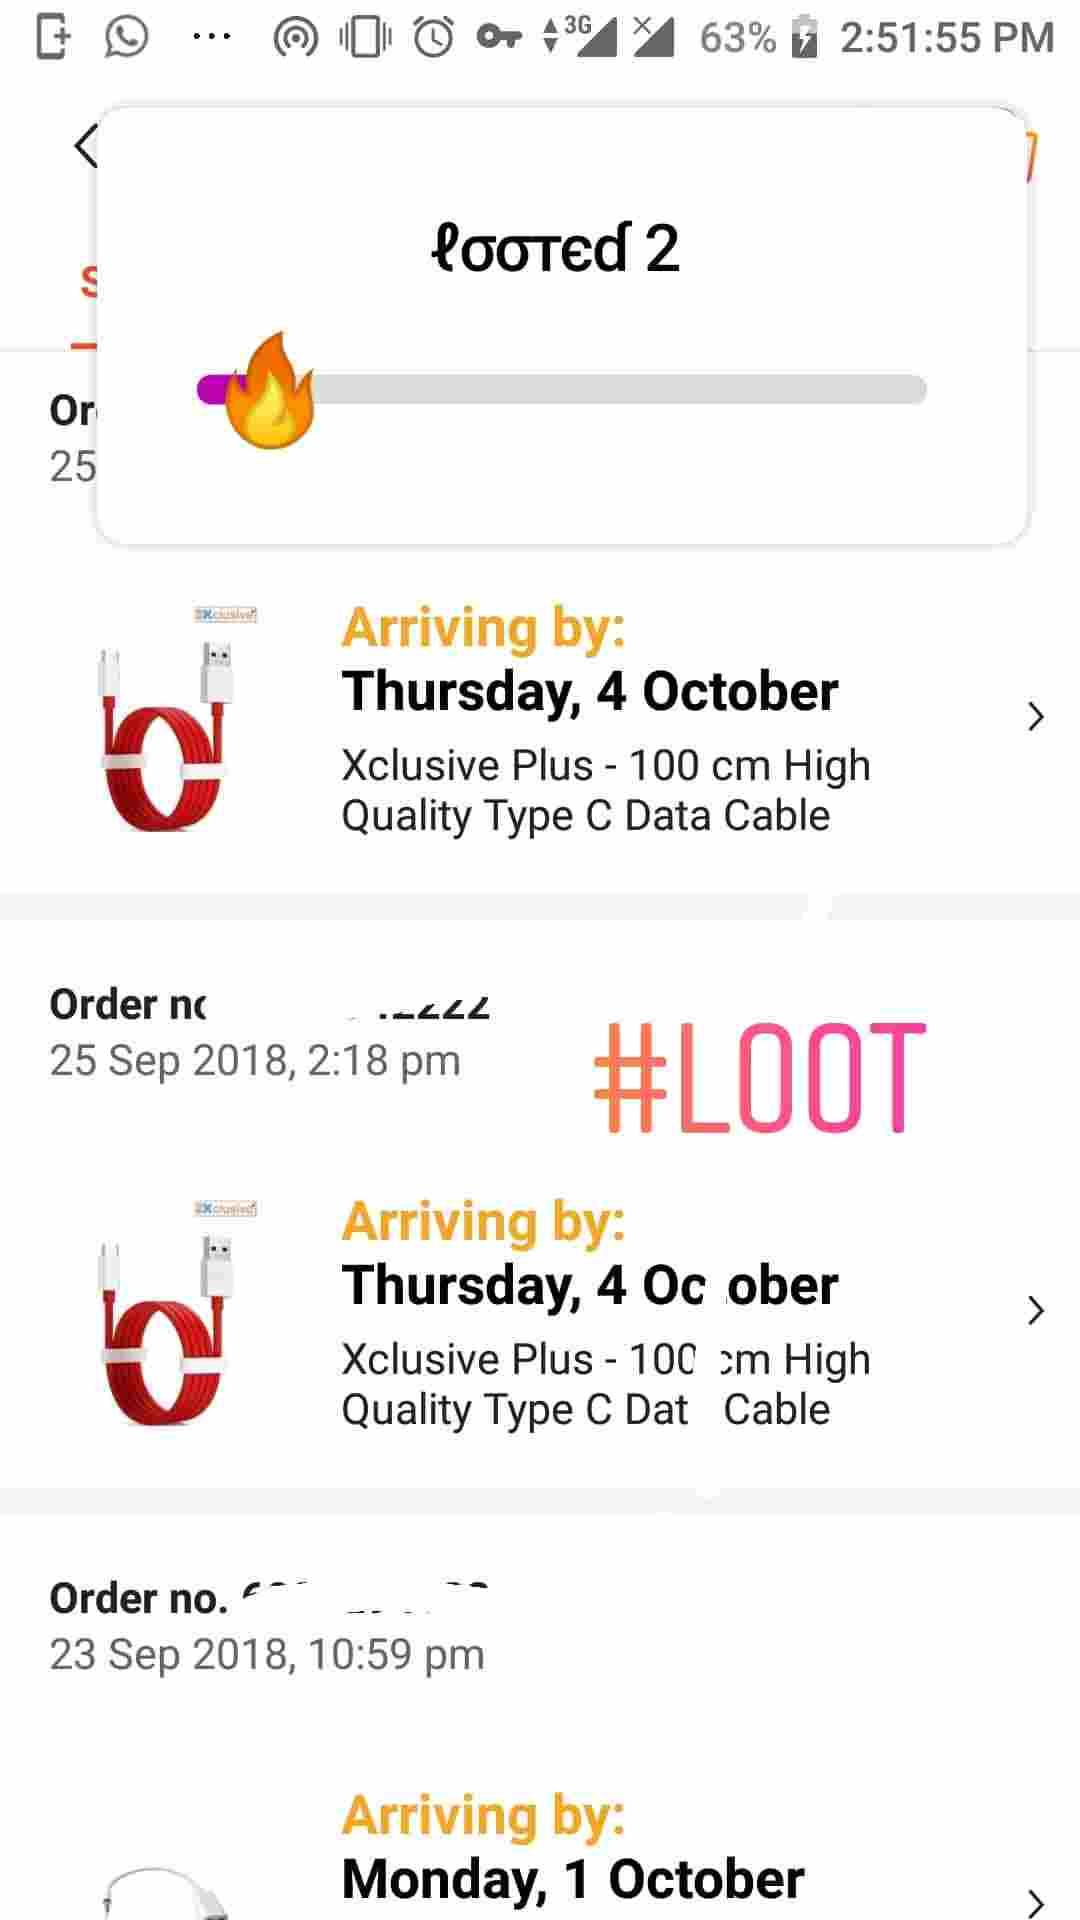 paymt lootd Best Telegram Channel Whypayfull